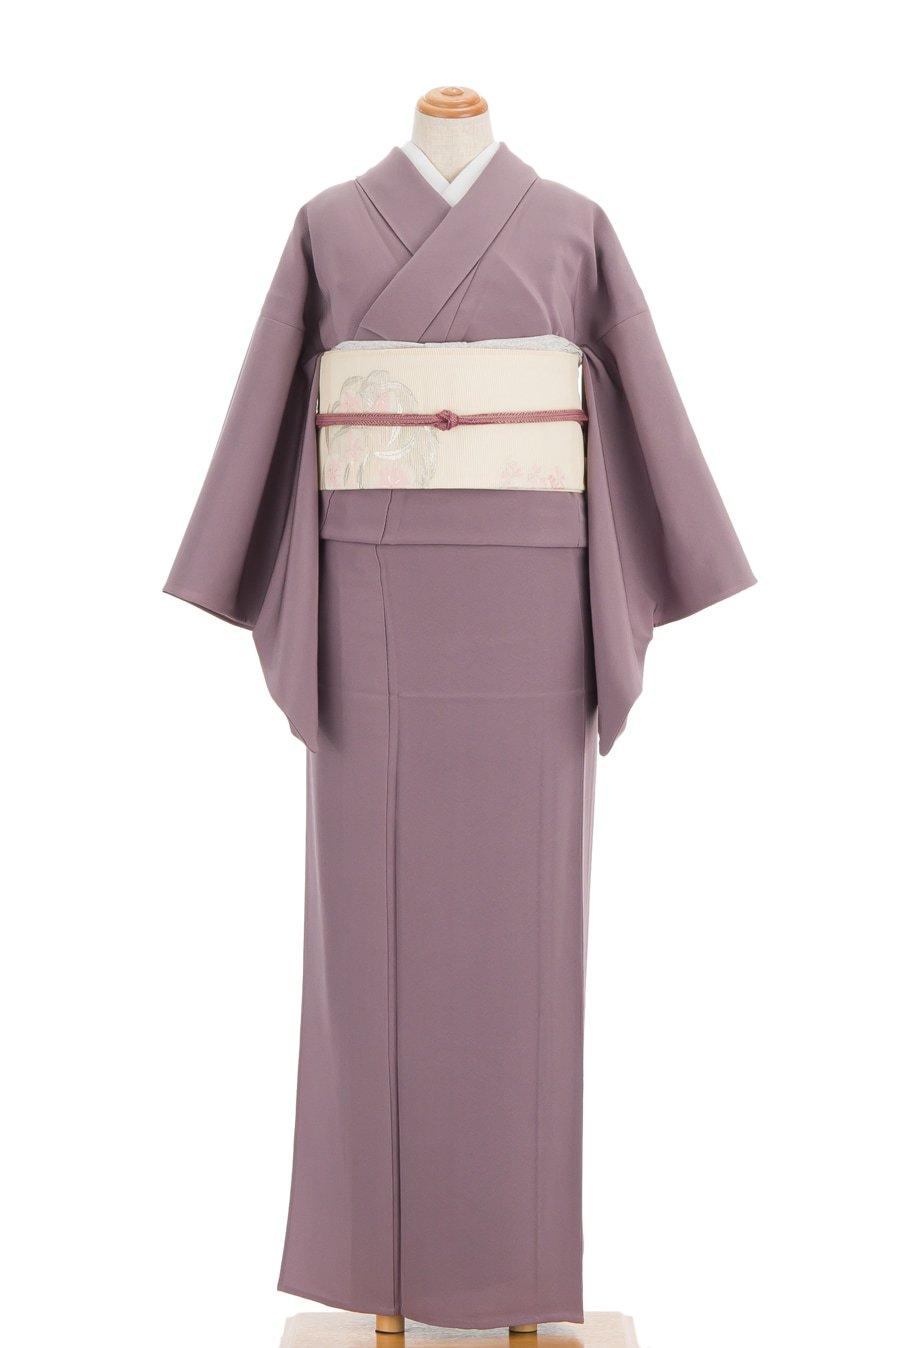 「単衣 色無地 無紋 浅紫」の商品画像